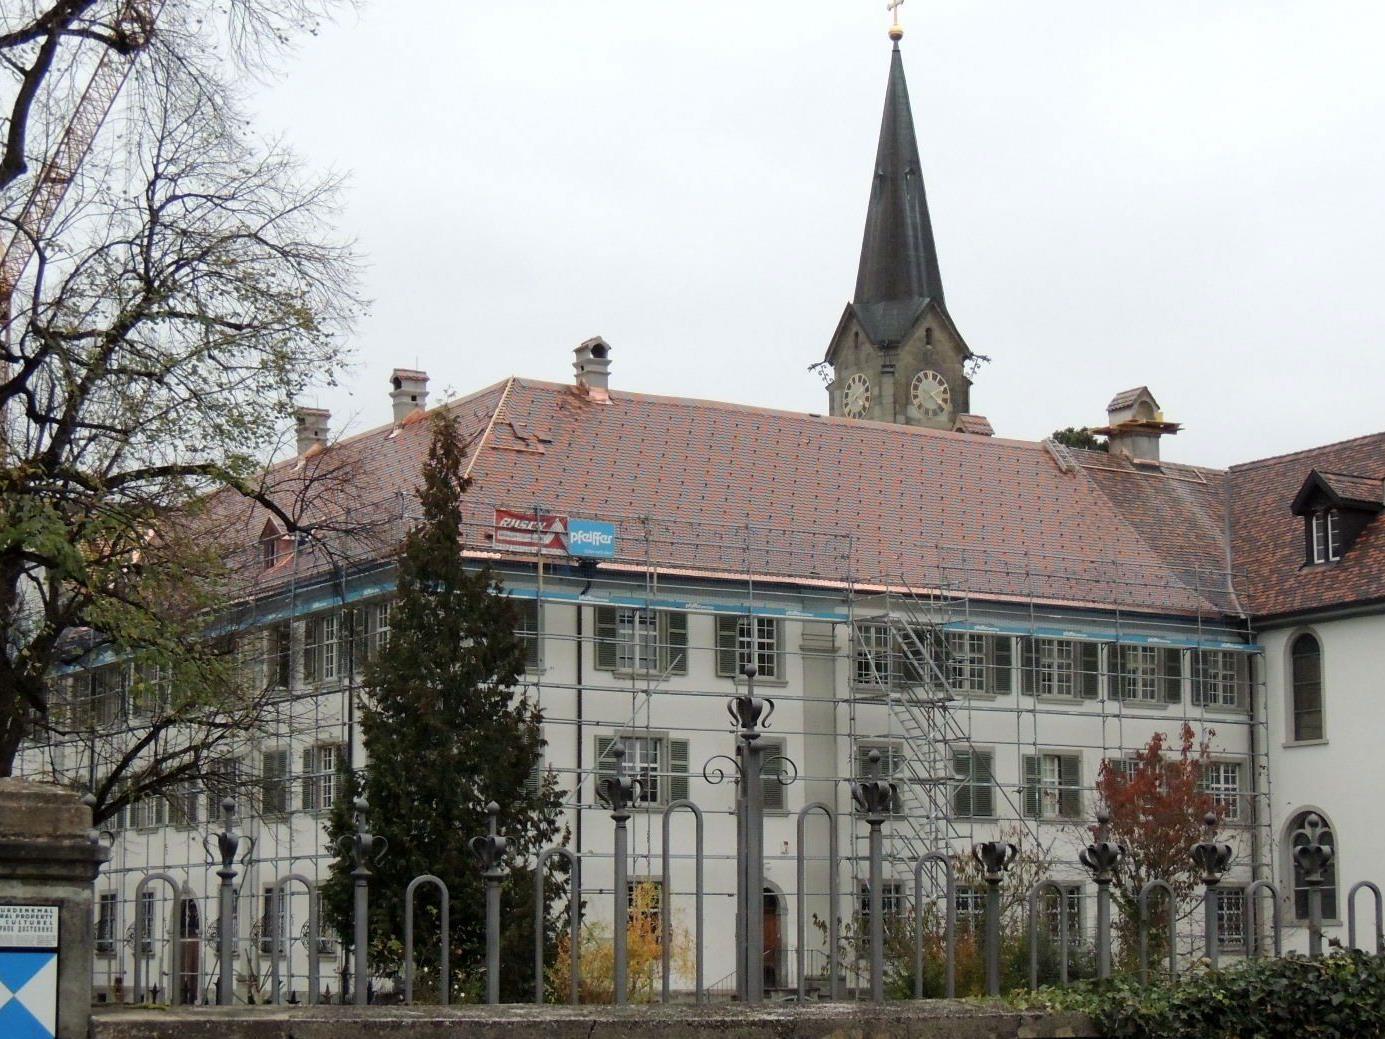 Neues Dach für Klostergebäude